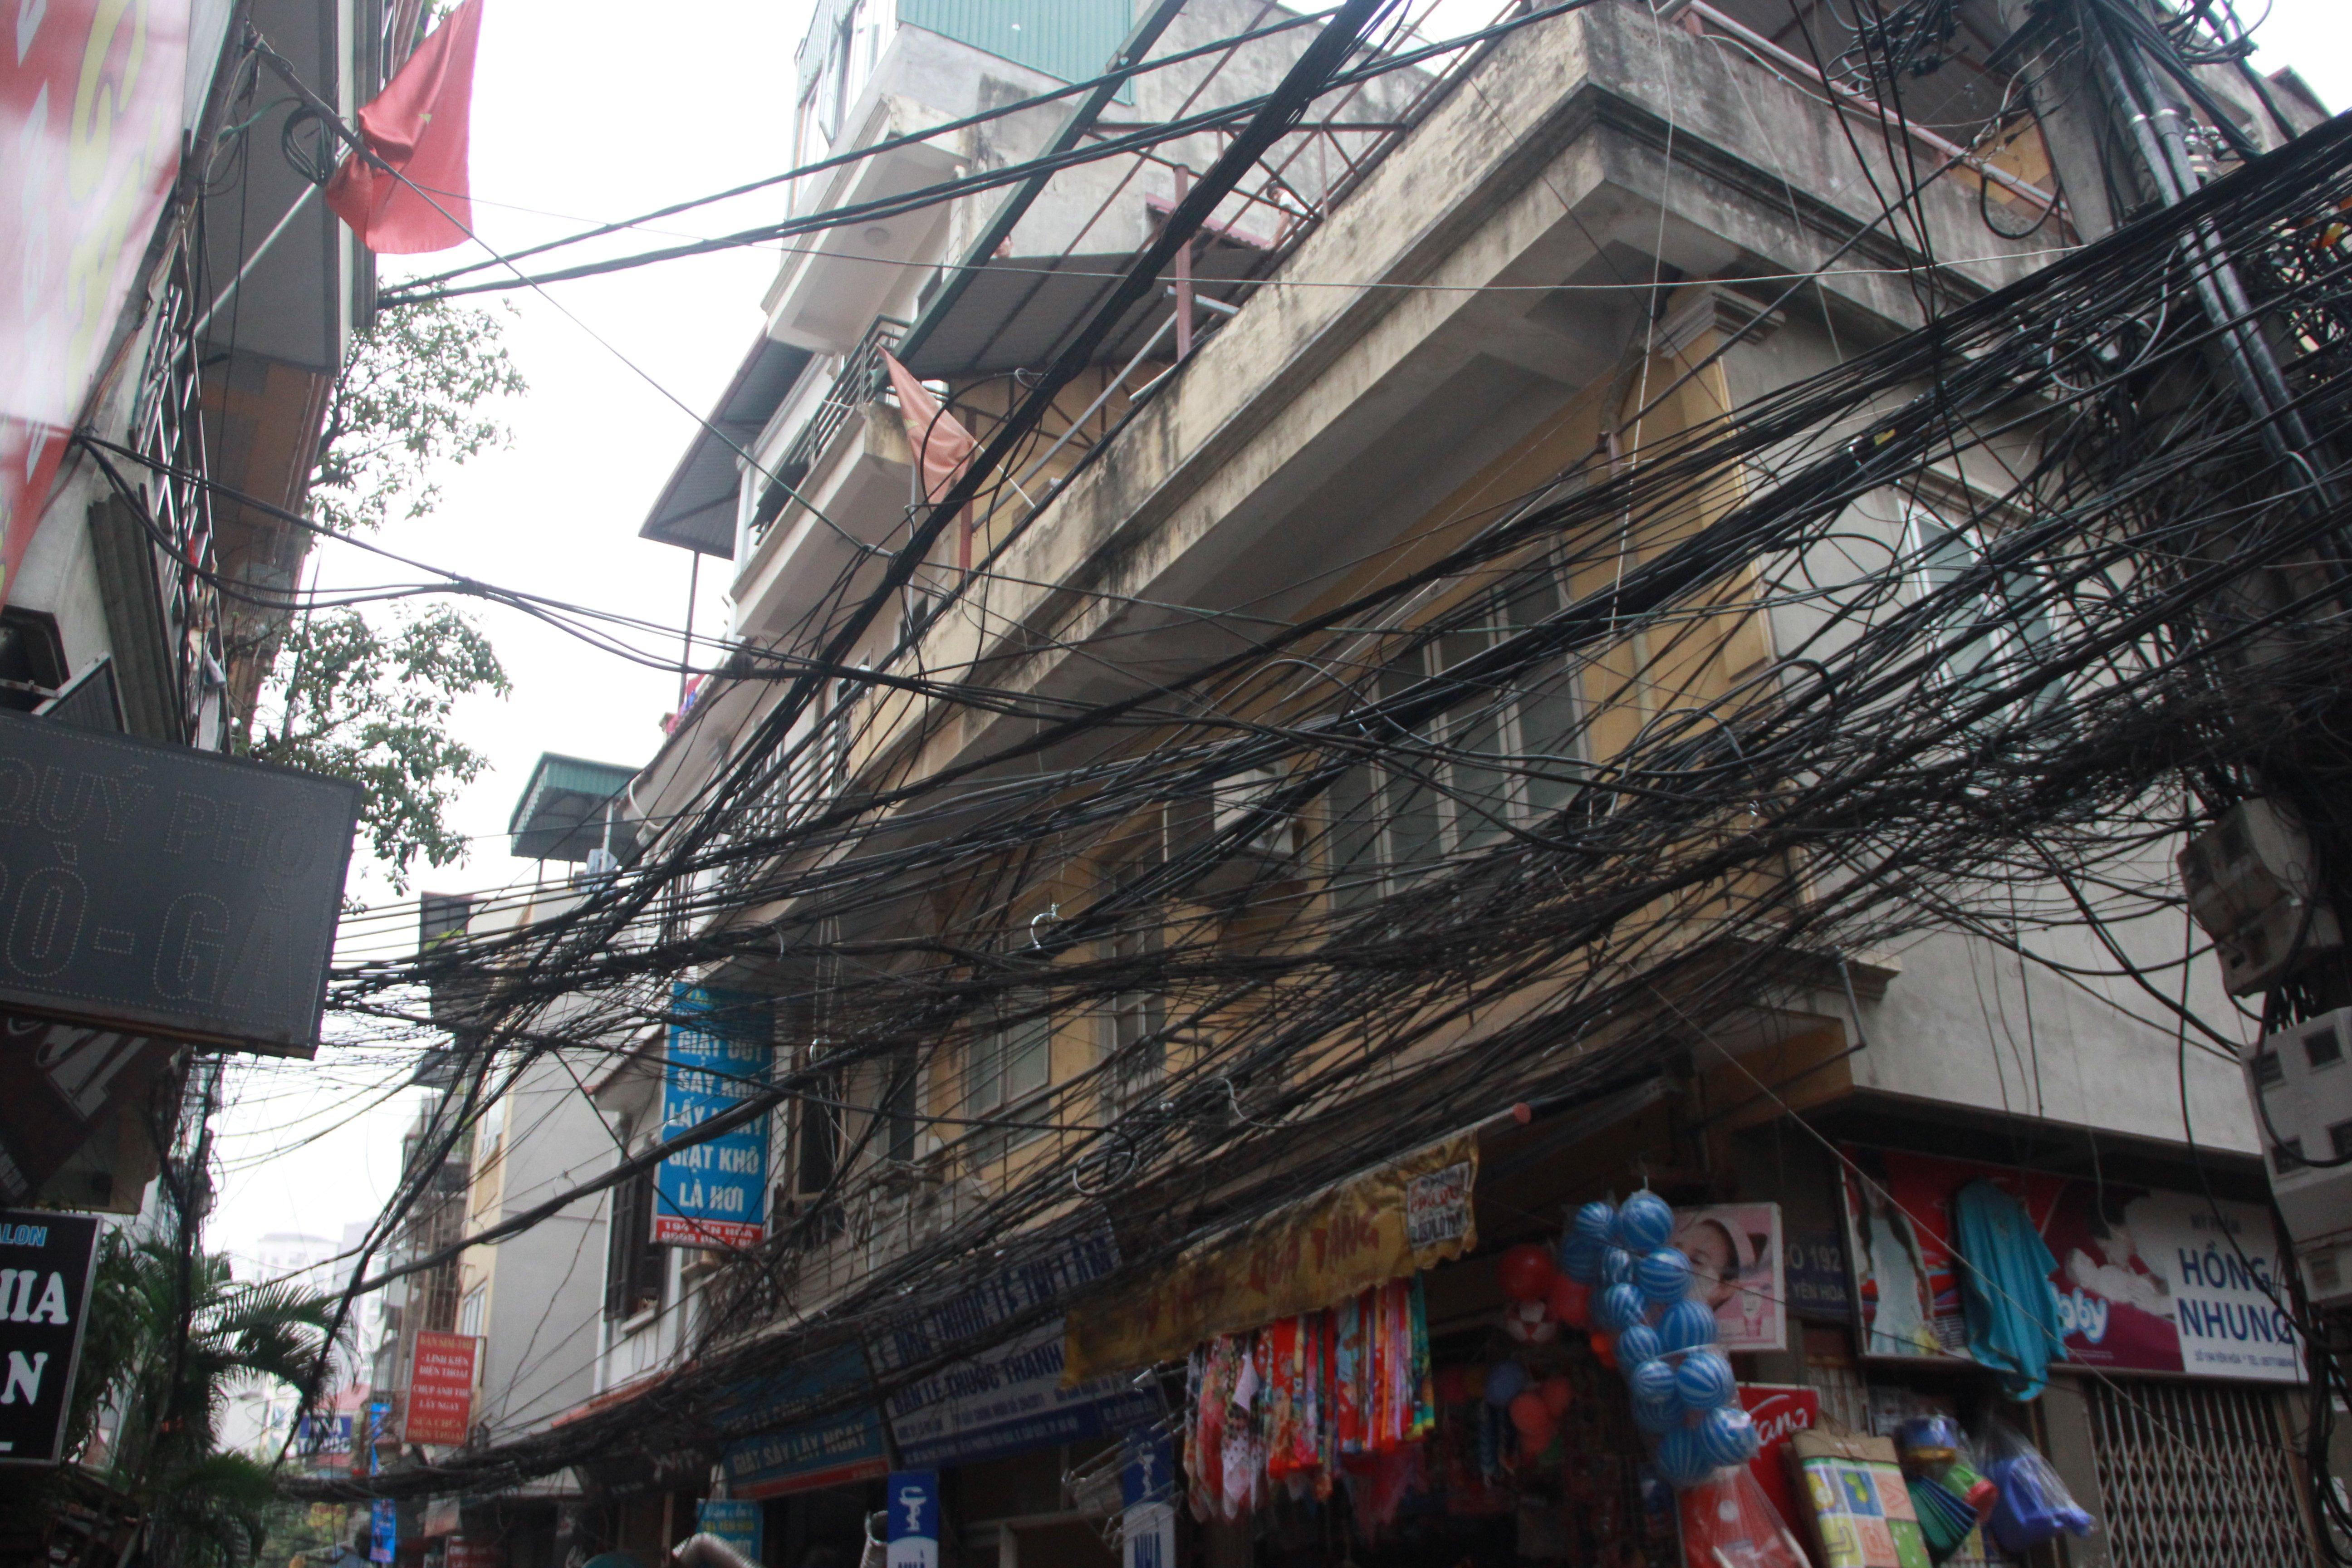 Hình ảnh Cận cảnh dọn ổ mạng nhện khổng lồ ở Hà Nội số 8